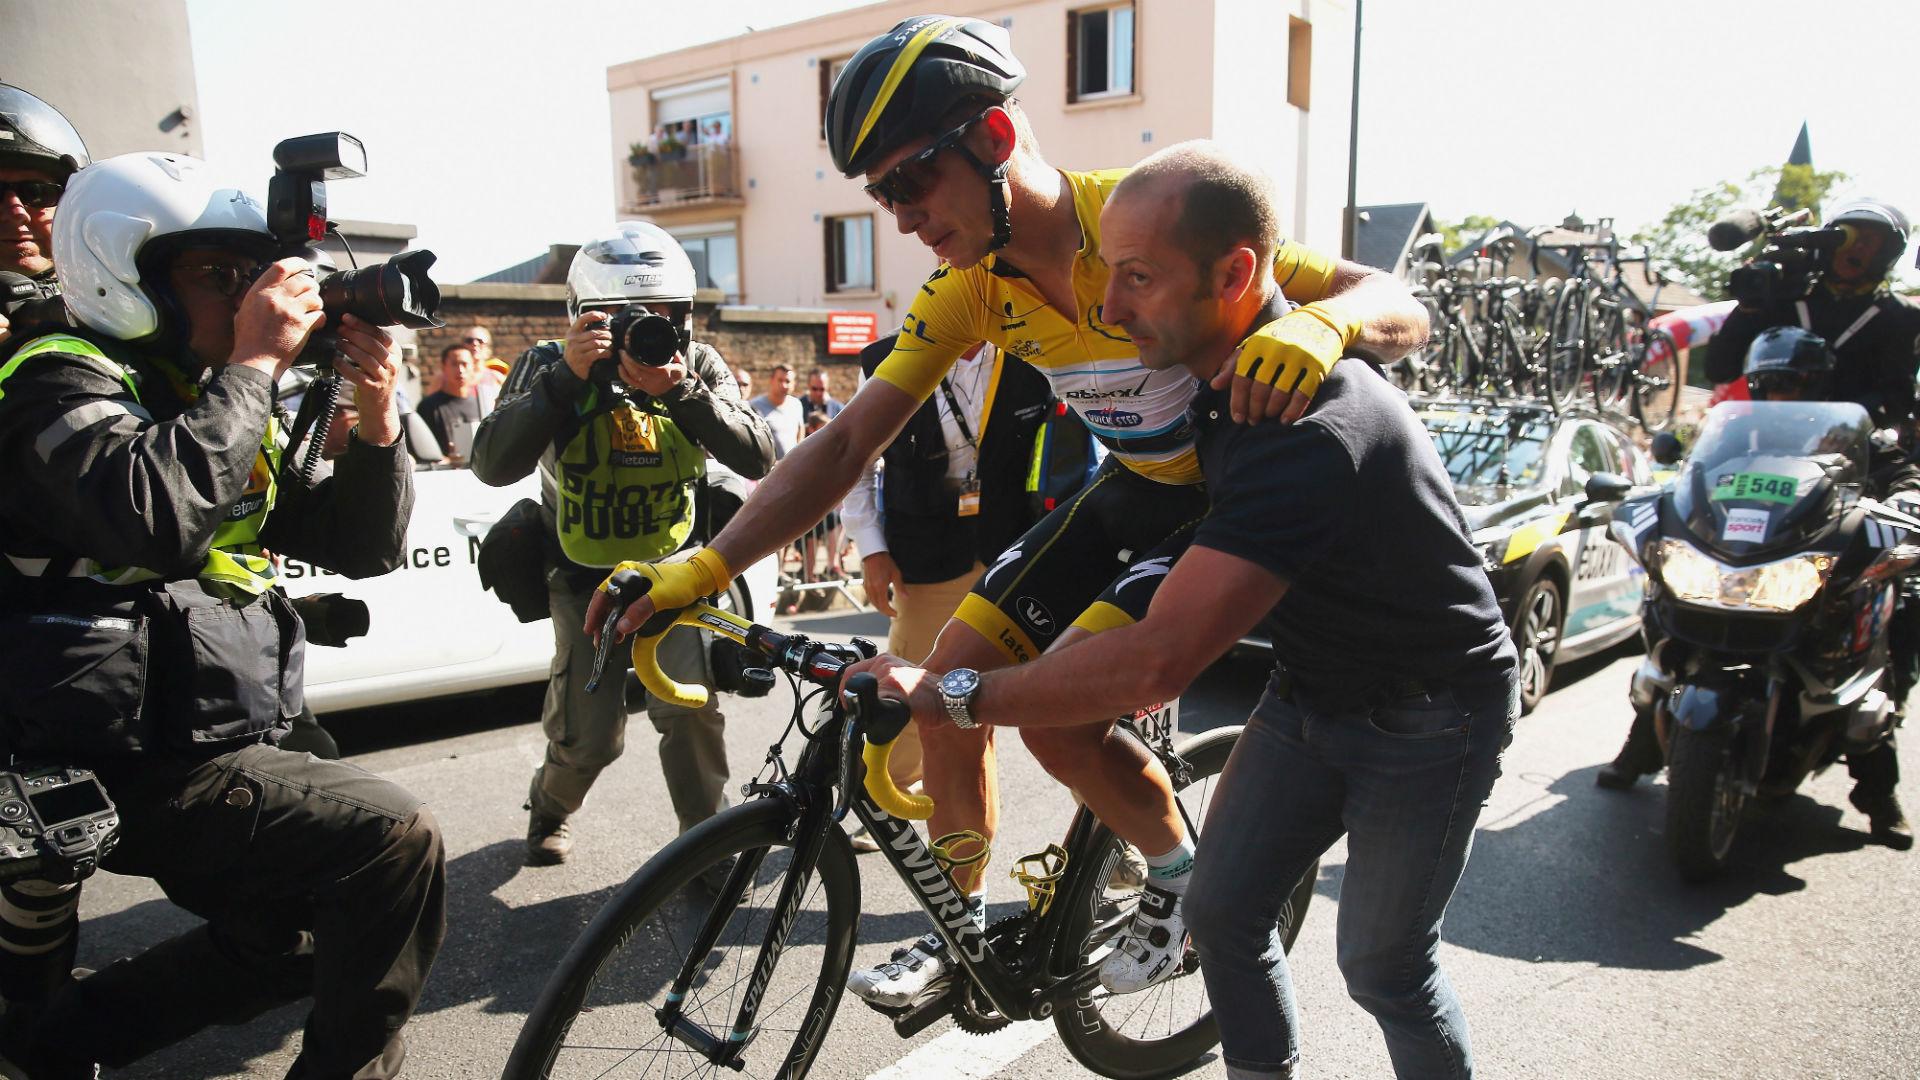 tour-de-france-stage-6-crash-getty-ftr.jpg